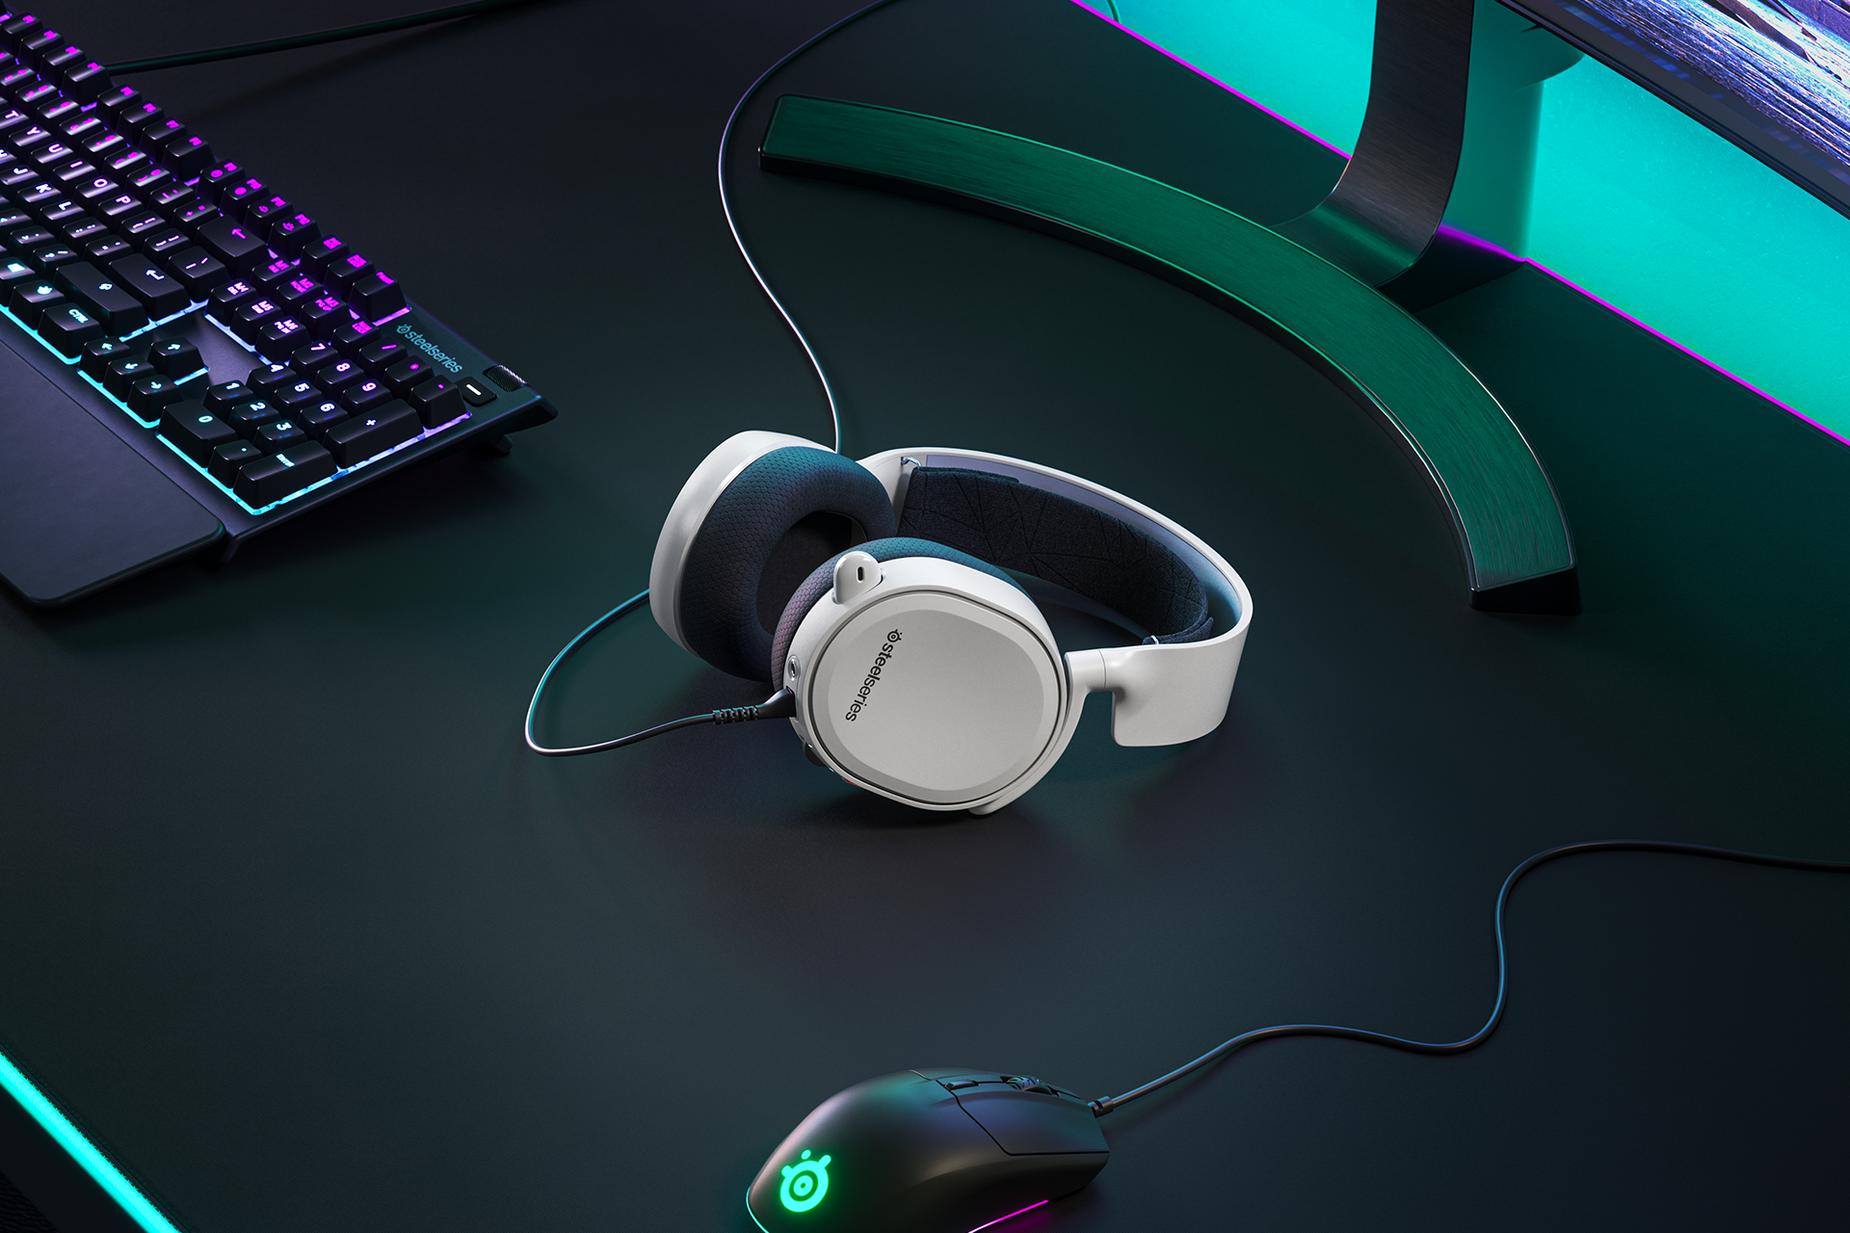 白いArctis 3コンソールヘッドセットが机の上に置いてあり、輝くSteelSeries製マウスとRGB照明SteelSeries製キーボードがヘッドセットの横に置いてあります。